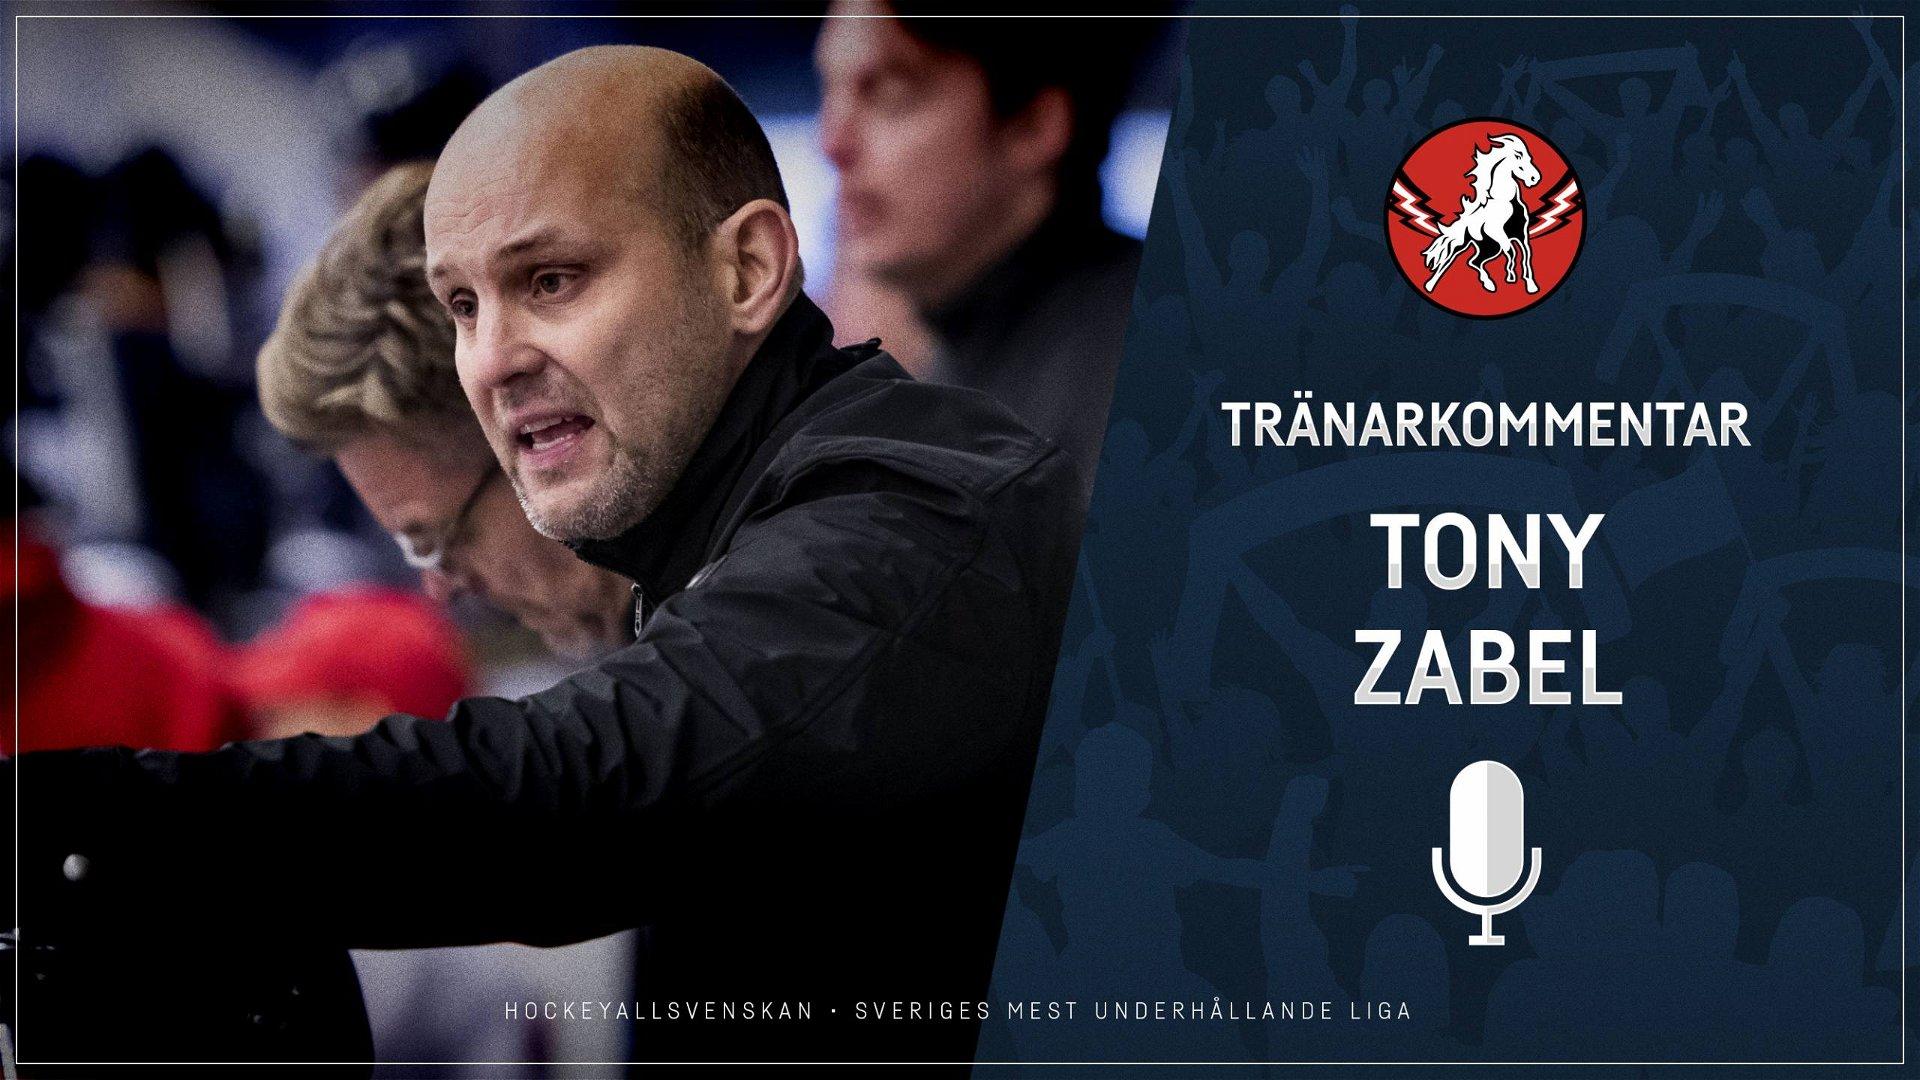 2021-03-05 Segerintervju: Tony Zabel